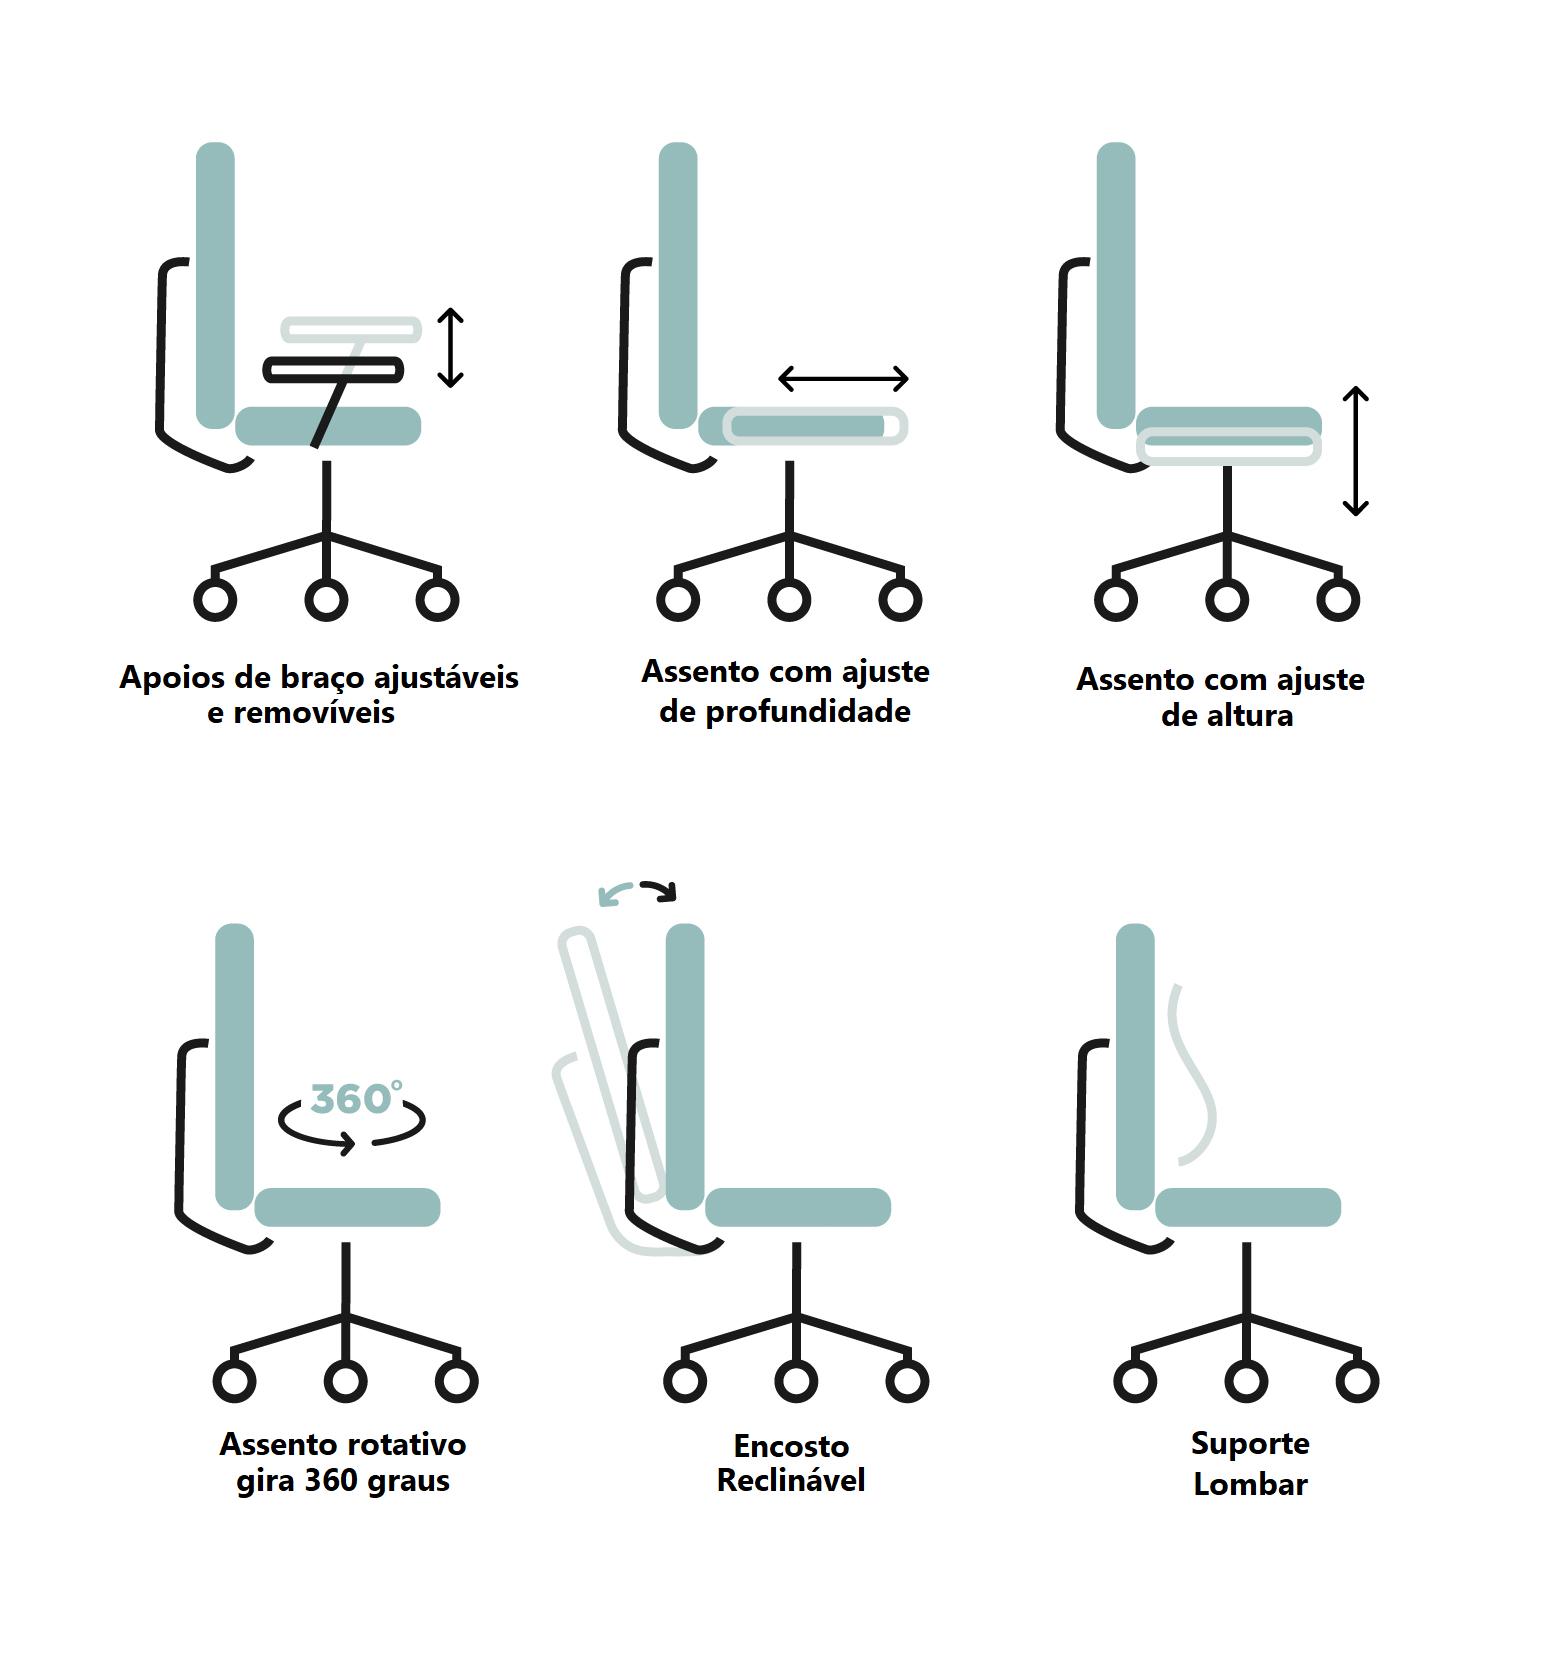 Cadeira Presidente Mesh Raynor Eurotech Ergochair Elite V2 Versão 2021 - Moln Design Furniture